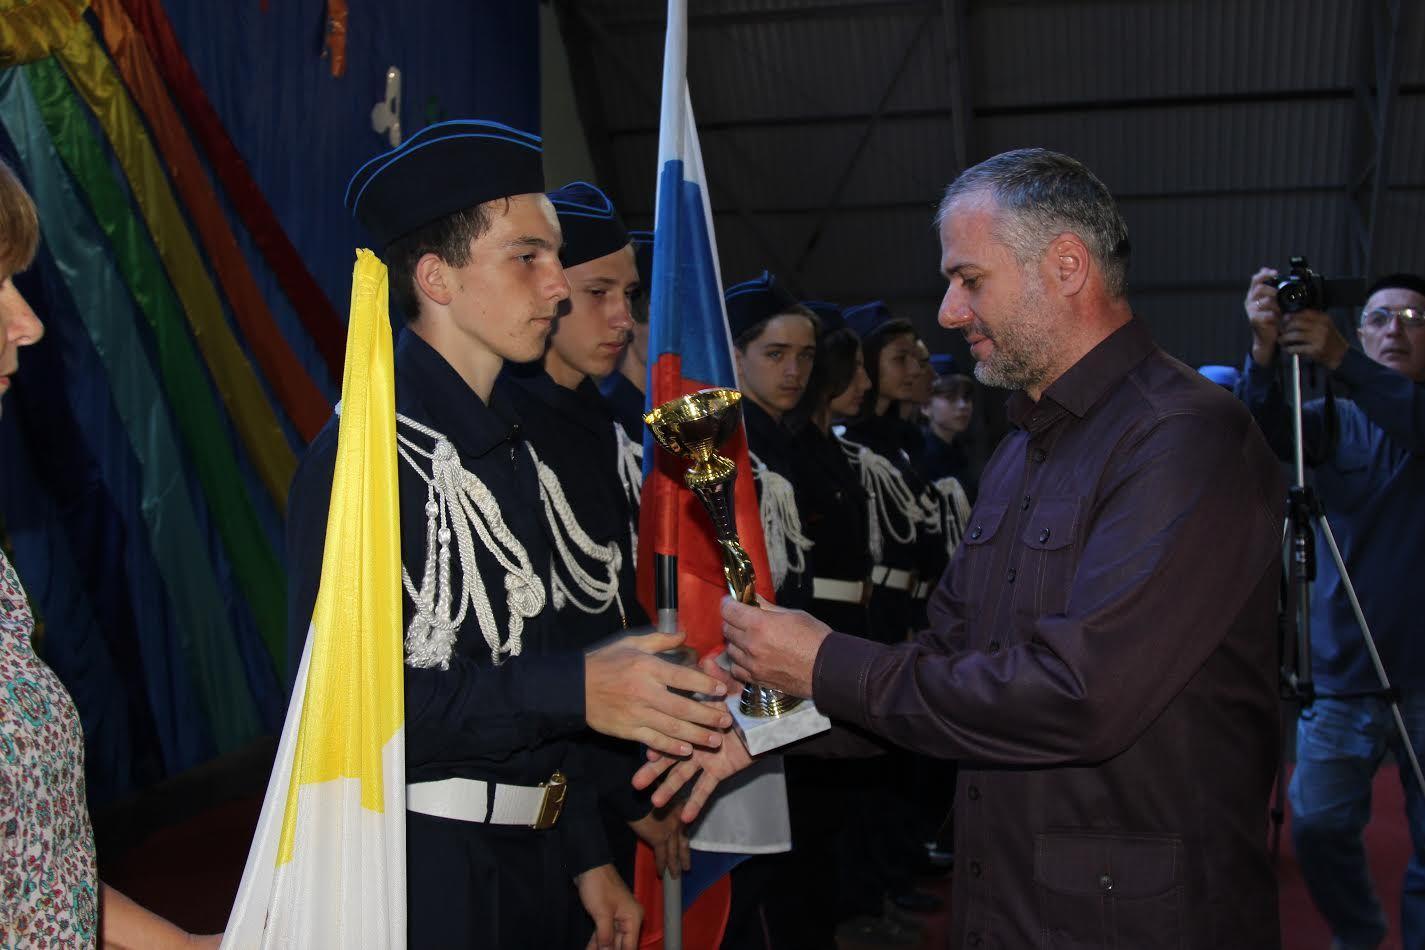 ВЧечне прошел очередной соревновательный день «Школы безопасности»